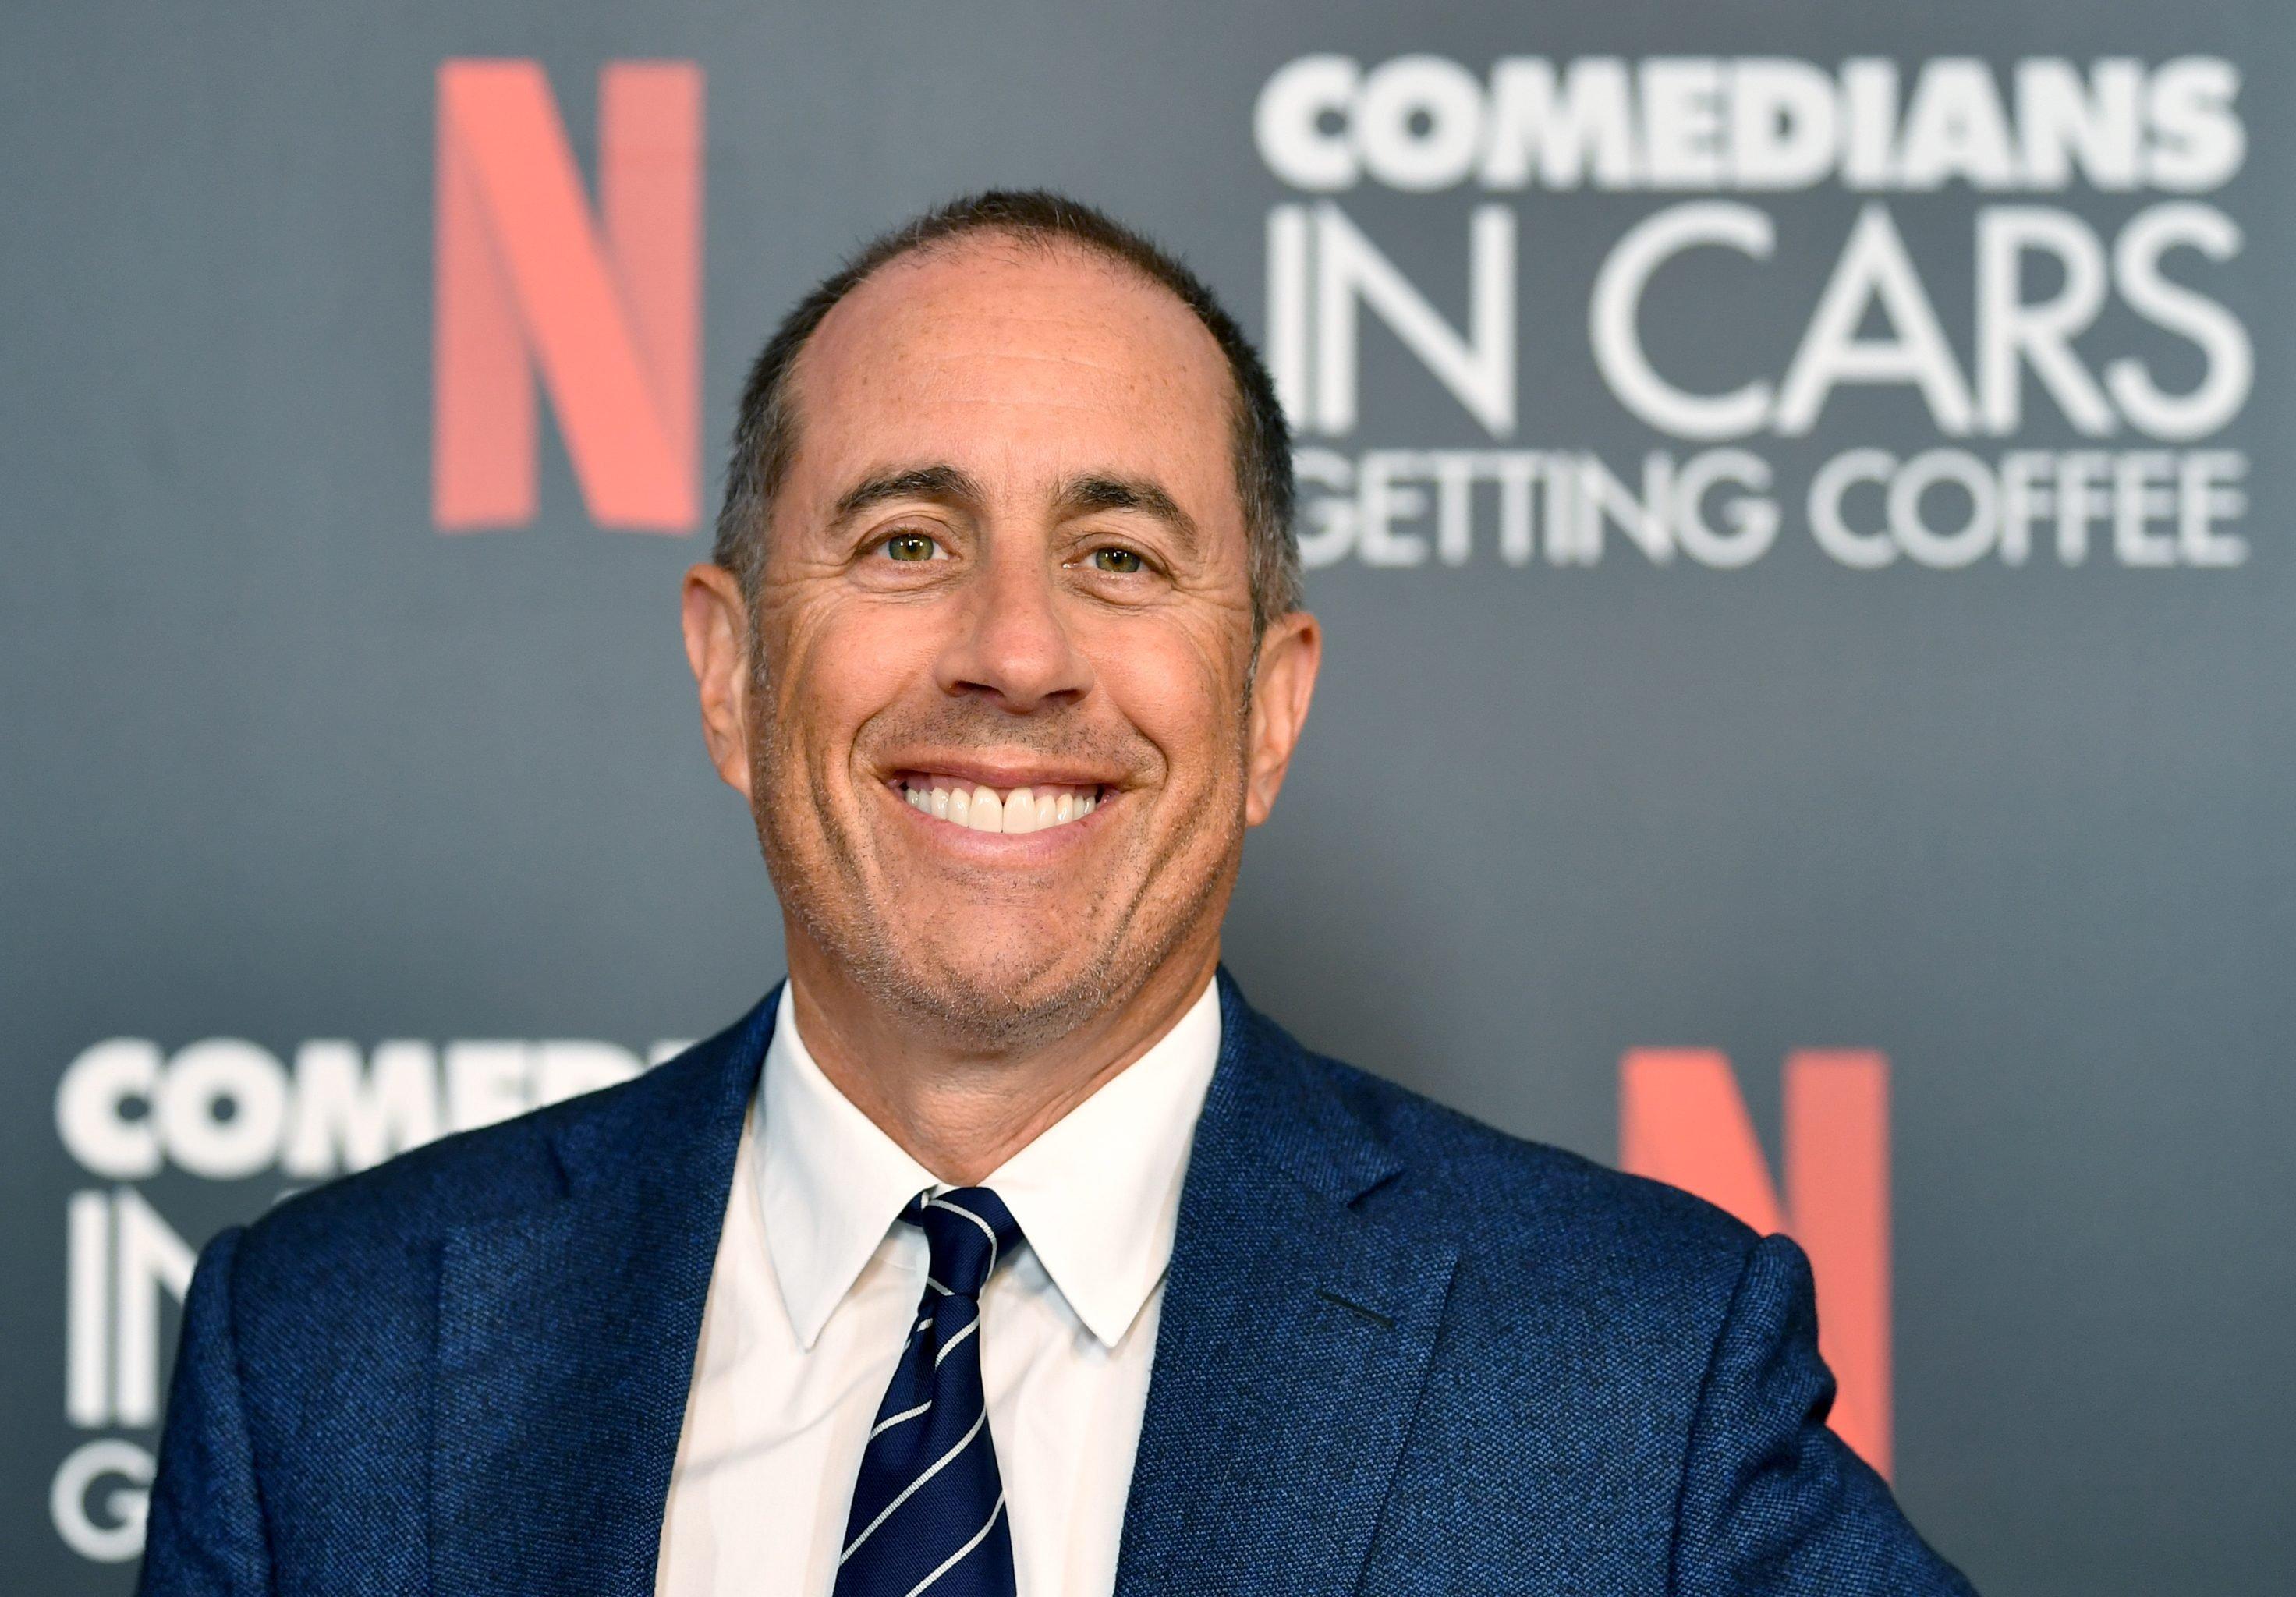 Comedians In Cars w. Jerry Seinfeld & Eddie Murphy ‑ LA Tastemaker